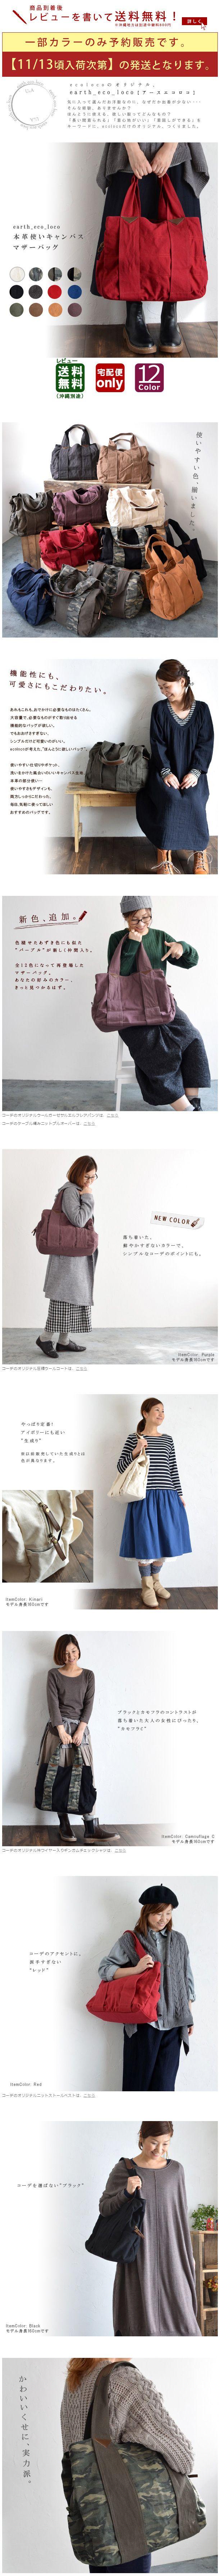 【楽天市場】マザーズバッグ 【一部カラー予約】【レビュー送料無料】 マザーバッグ バッグ トートバッグ キャンバスバッグ ecoloco 大容量 152AW1009, bsc 再販,:ecoloco(エコロコ)